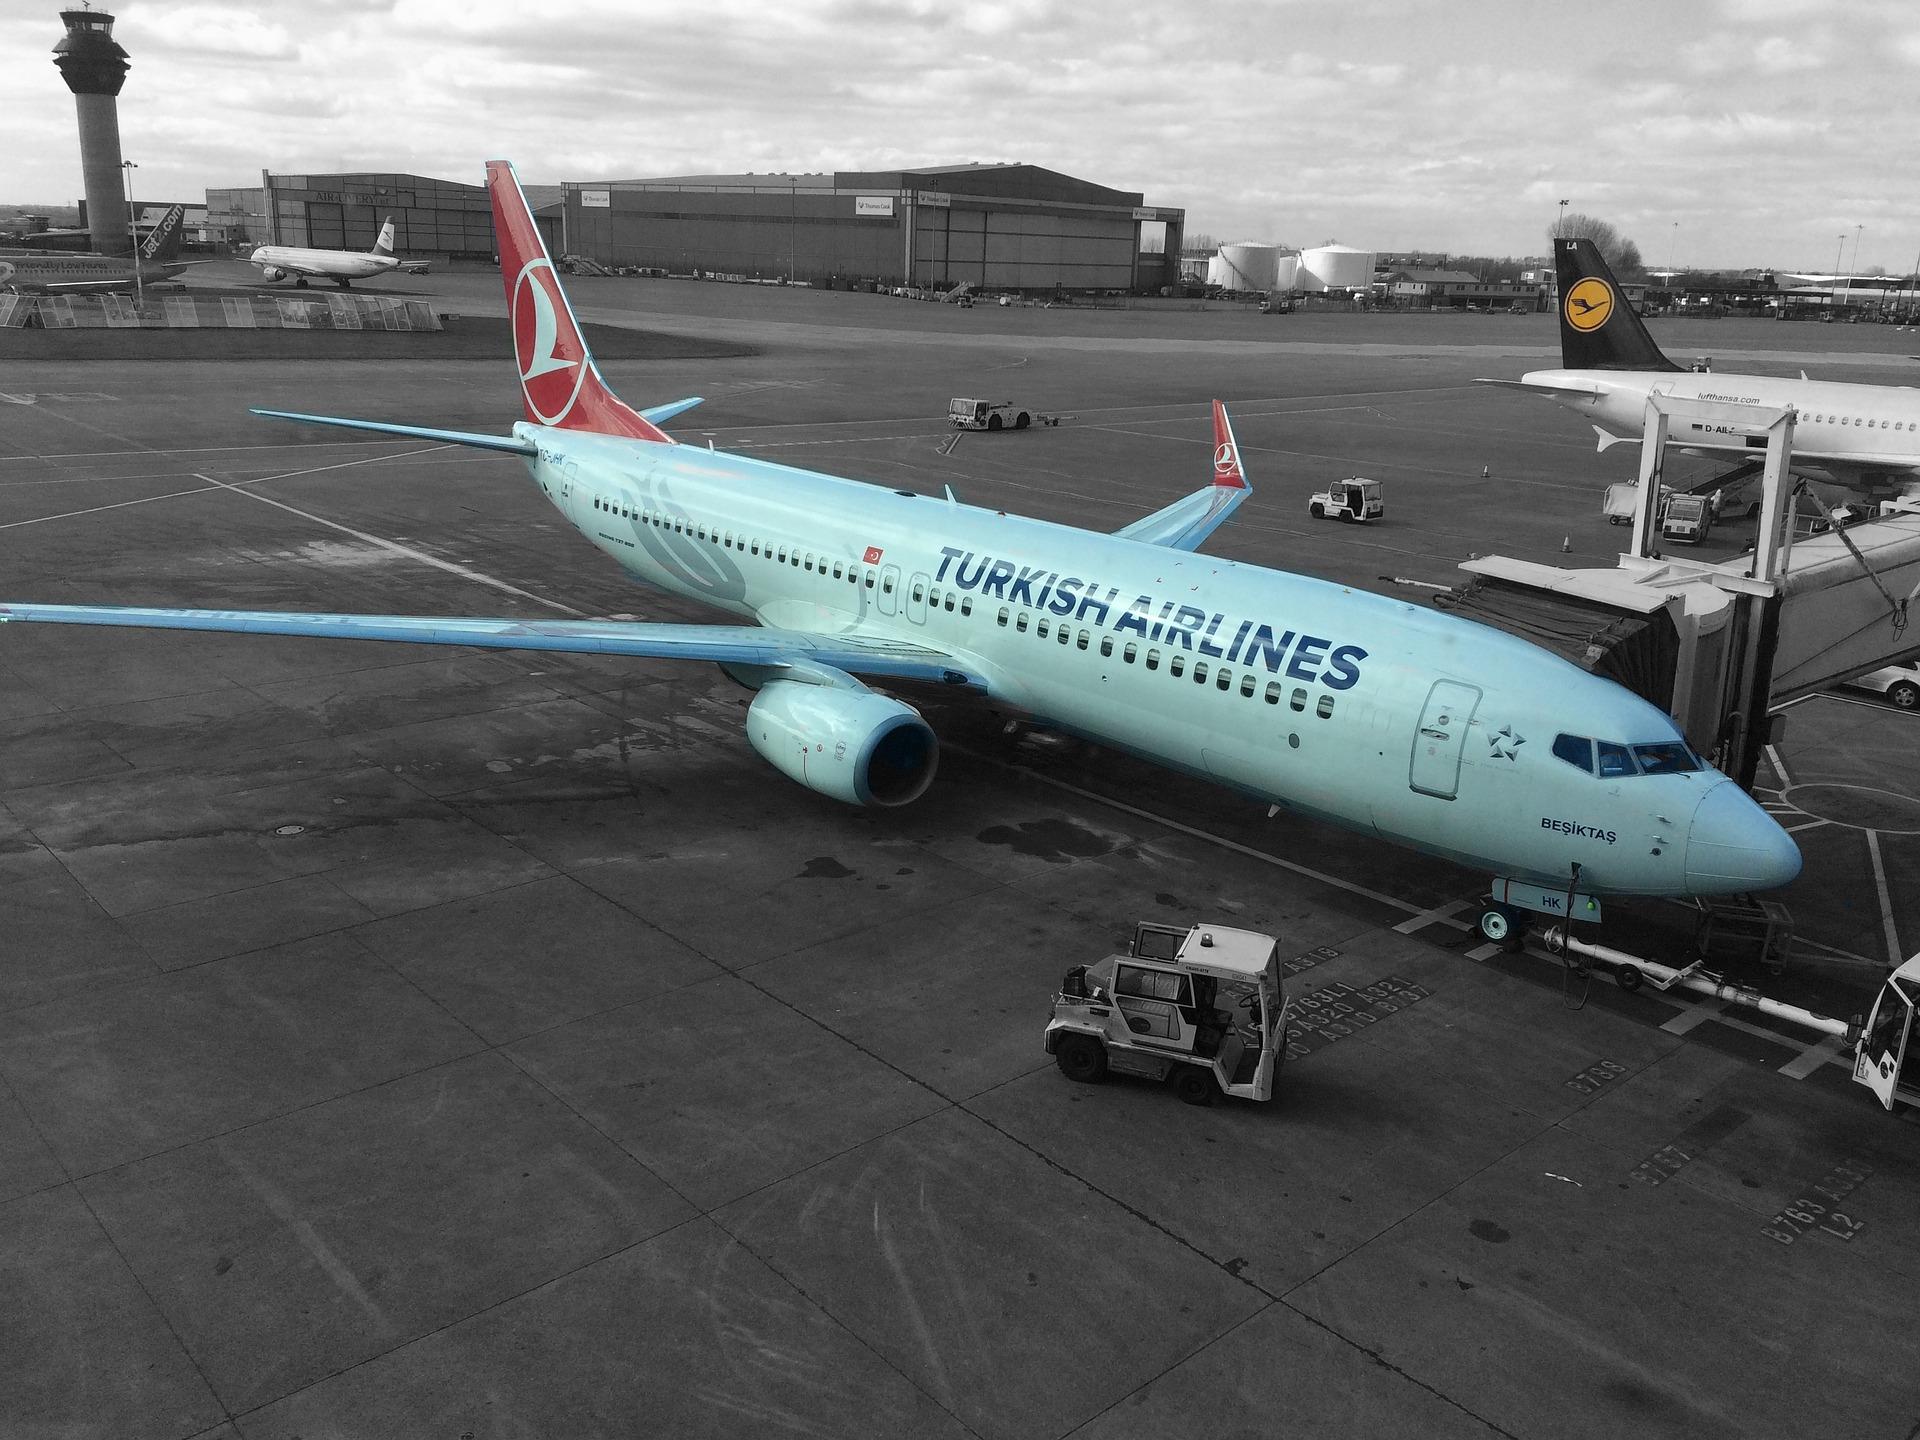 літак авіакомпанії Turkish Airlines